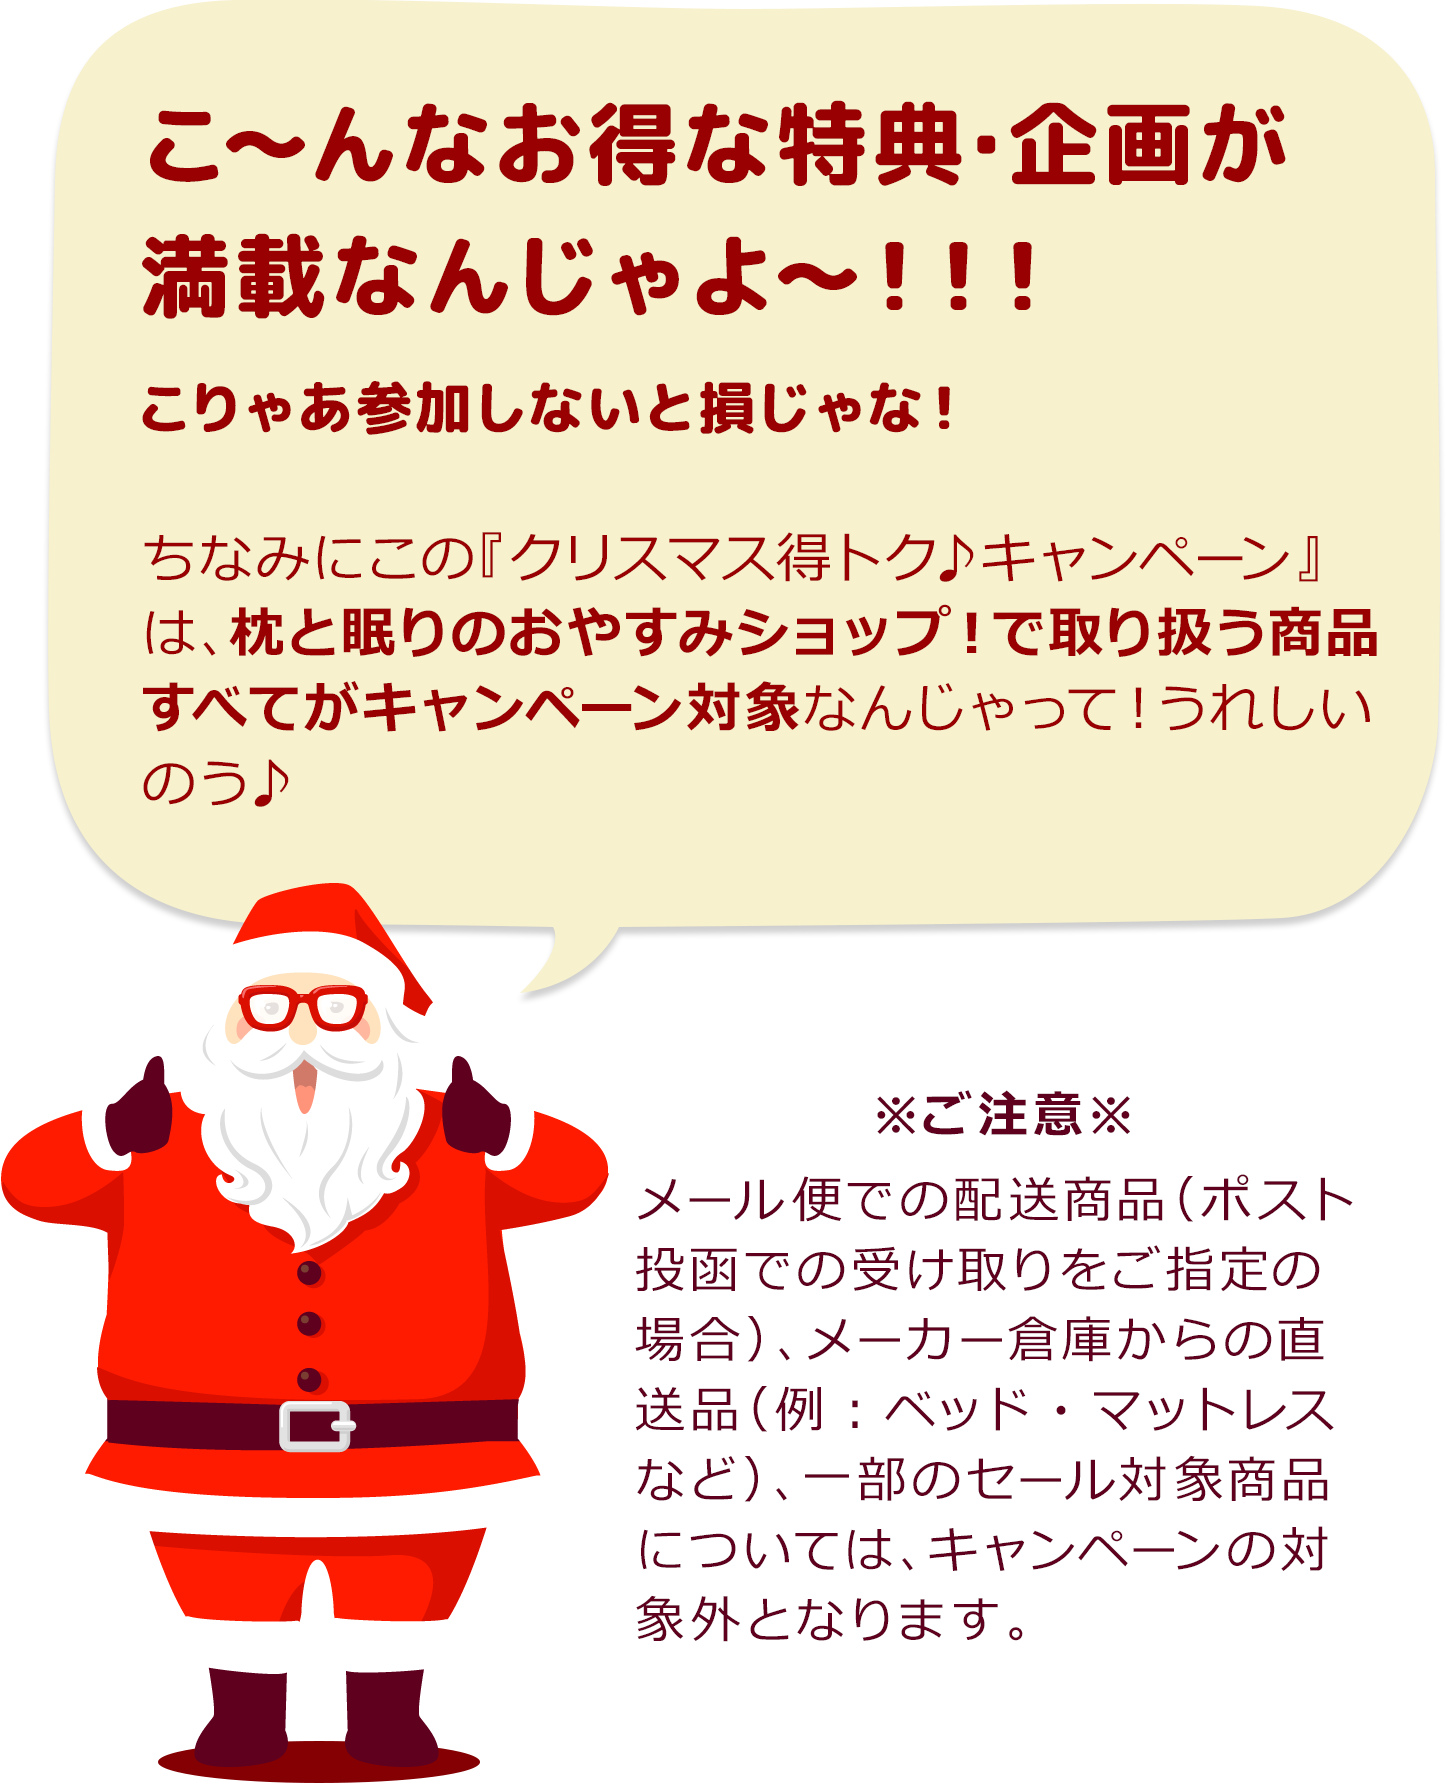 サンタクロース「こ~んなお得な特典・企画が満載なんじゃよ~!!!こりゃあ参加しないと損じゃな!ちなみにこの『クリスマス得トク♪キャンペーン』は、枕と眠りのおやすみショップ!Yahoo!ショッピング店で取り扱う35,000商品すべてがキャンペーン対象なんじゃって!うれしいのう♪」 ※ご注意※ゆうメール便での配送商品(ポスト投函での受け取りをご指定の場合)、メーカー倉庫からの直送品(例:ベッド・マットレス・こたつ・ラグなど)、一部のセール対象商品については、キャンペーンの対象外となります。